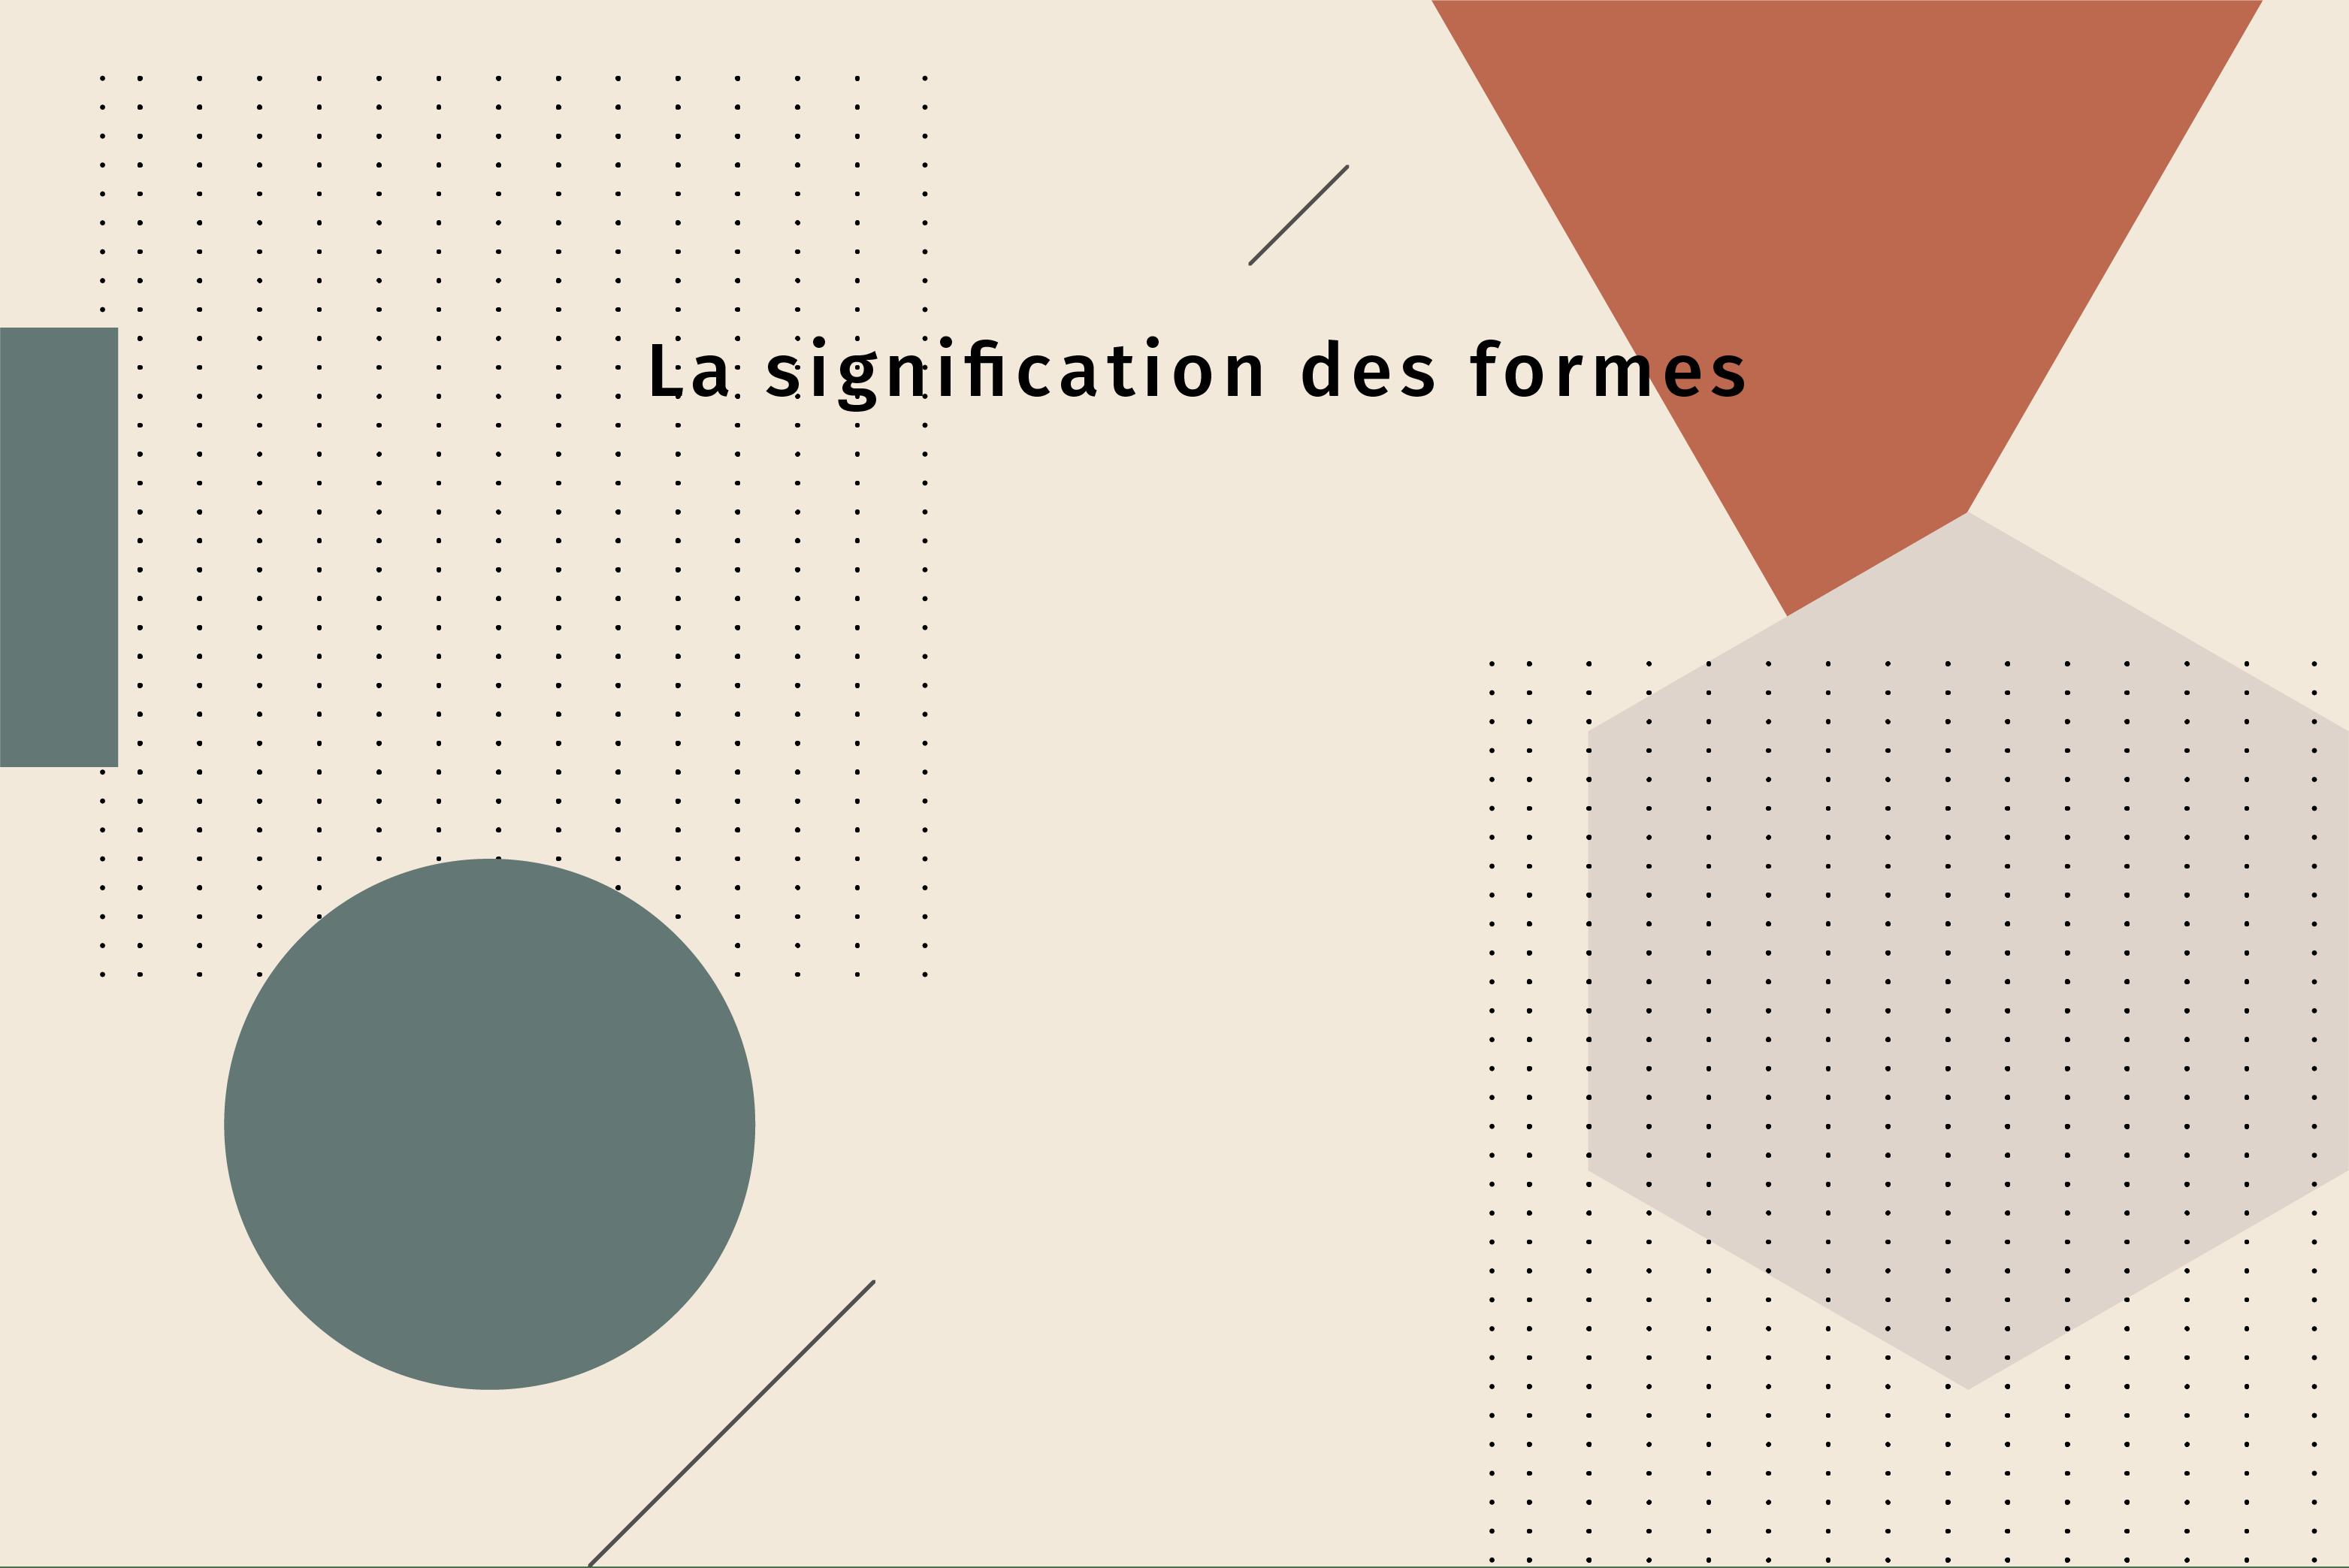 La signification des formes